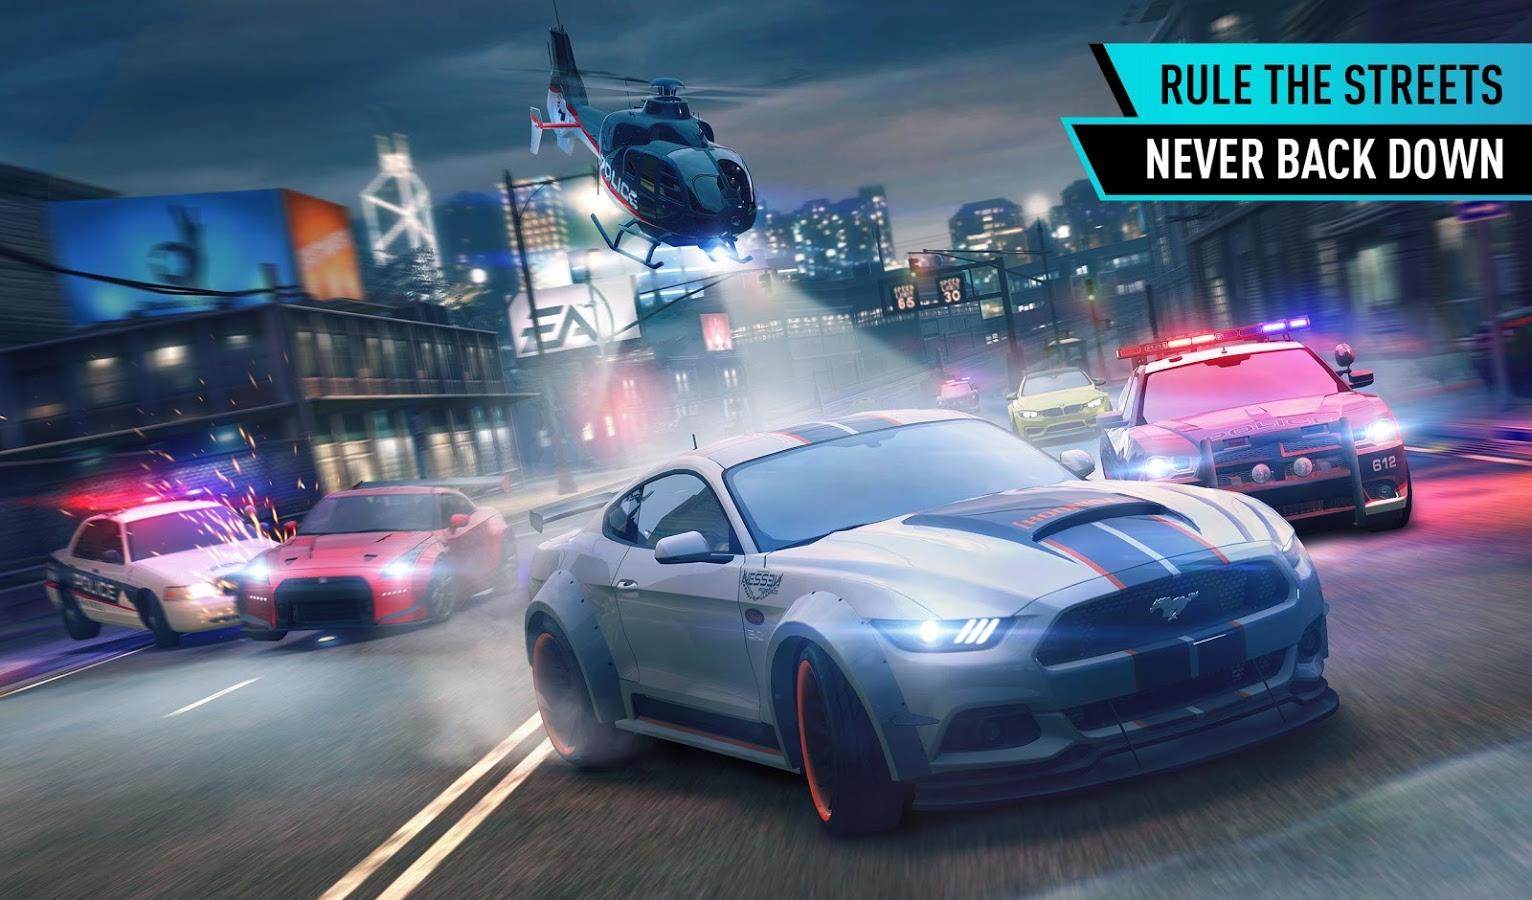 دانلود بازی جنون سرعت : نامحدود Need for Speed™ No Limits